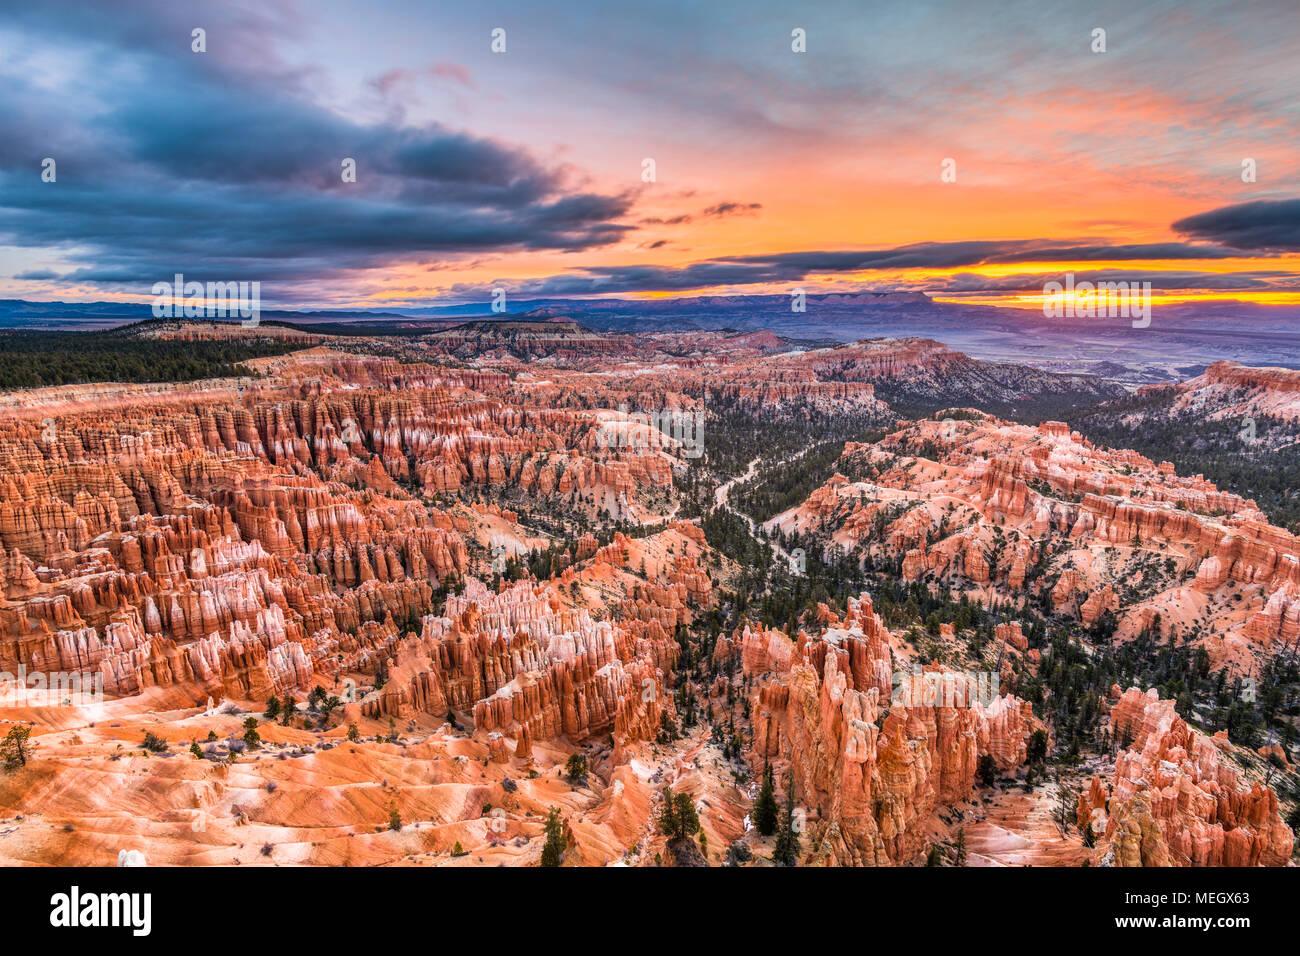 Bryce Canyon National Park, Utah, USA à l'aube. Banque D'Images